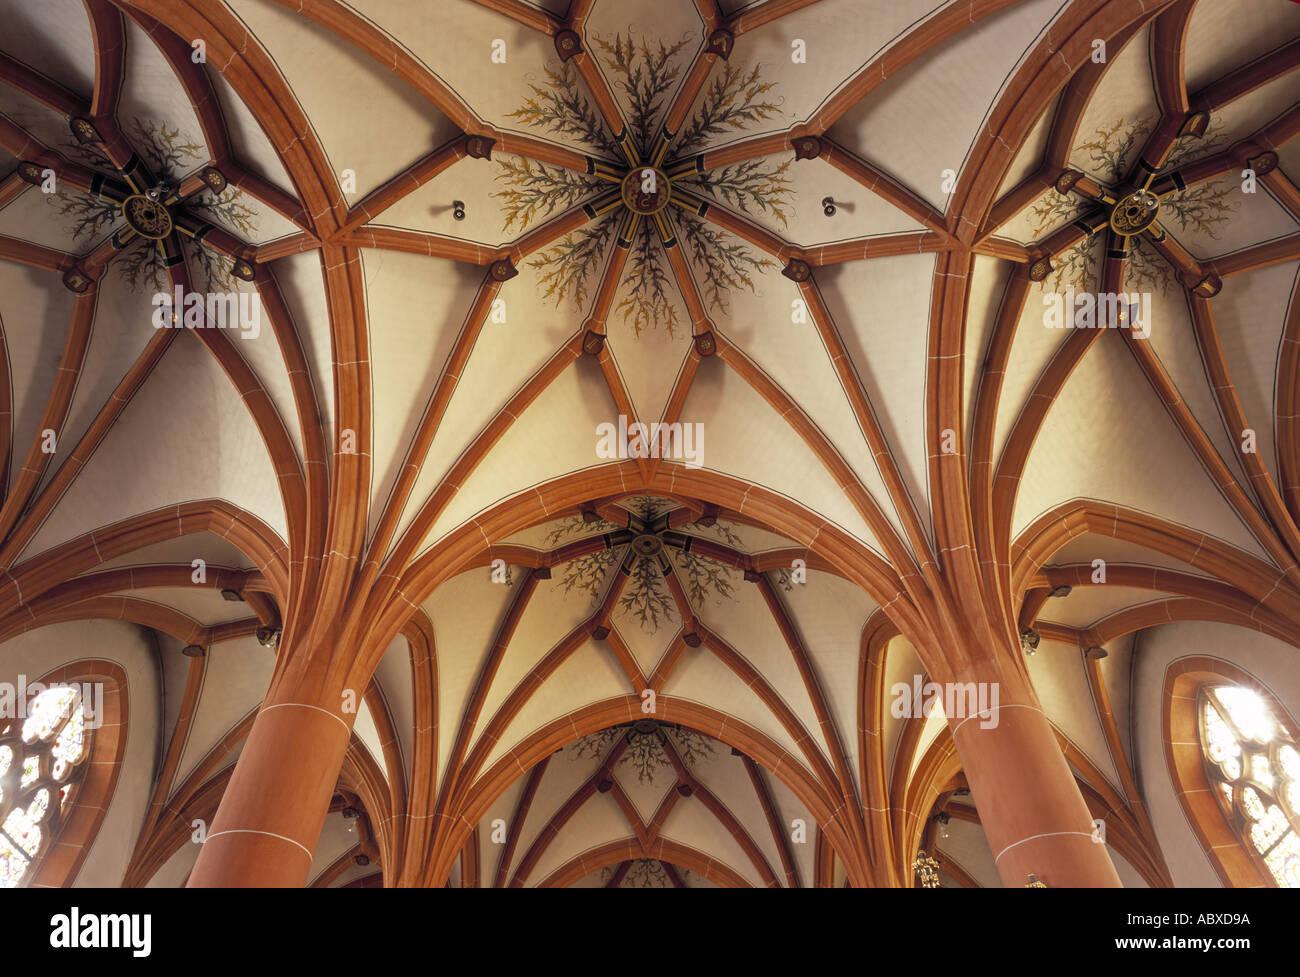 Klotten, Pfarrkirche St. Maximin, Gewölbe im Nordchor, Blick nach Süden - Stock Image